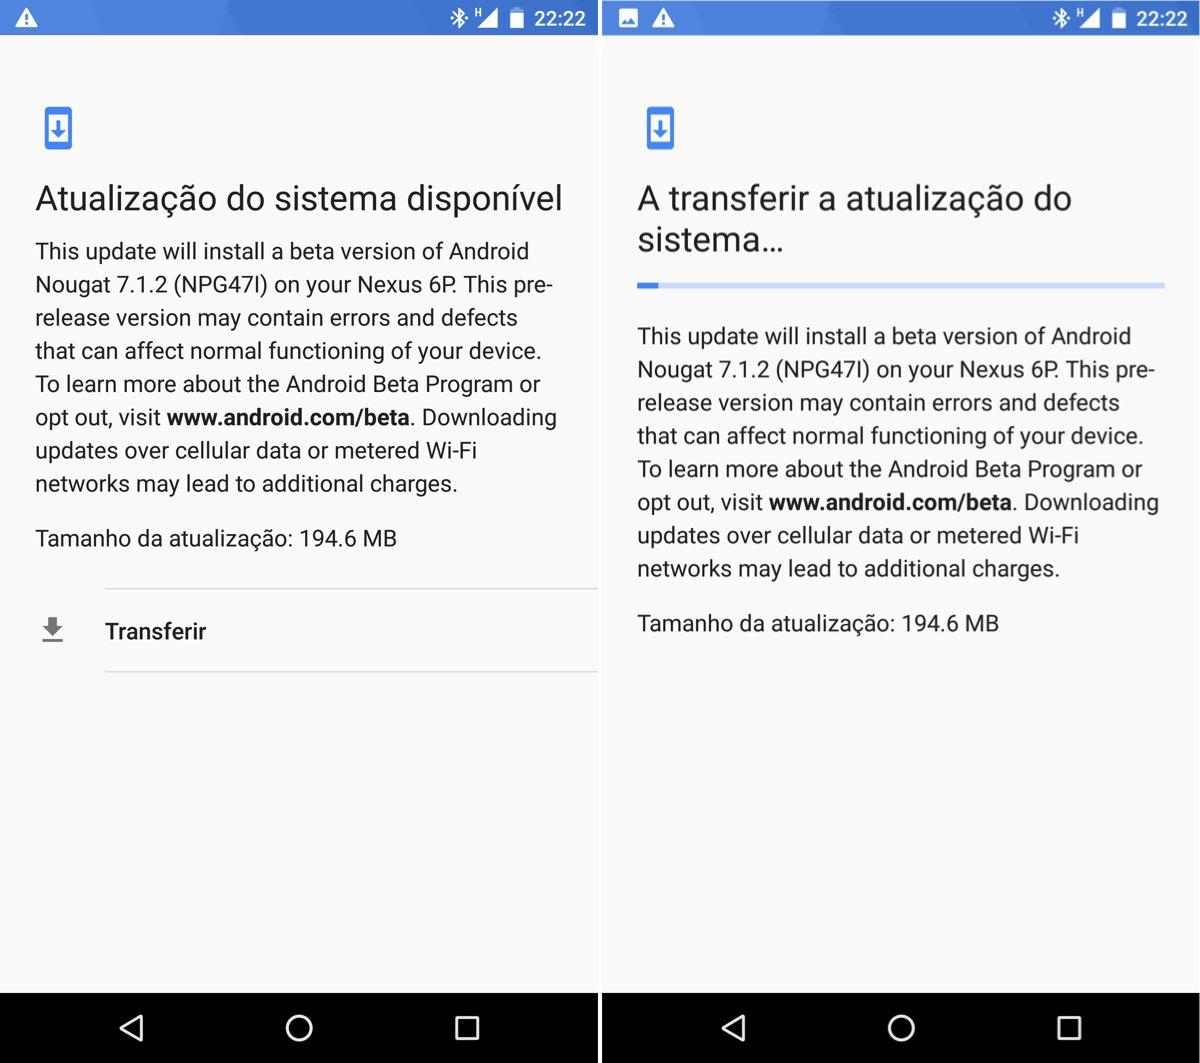 Papéis de Parede e Toques do Android O disponíveis para download